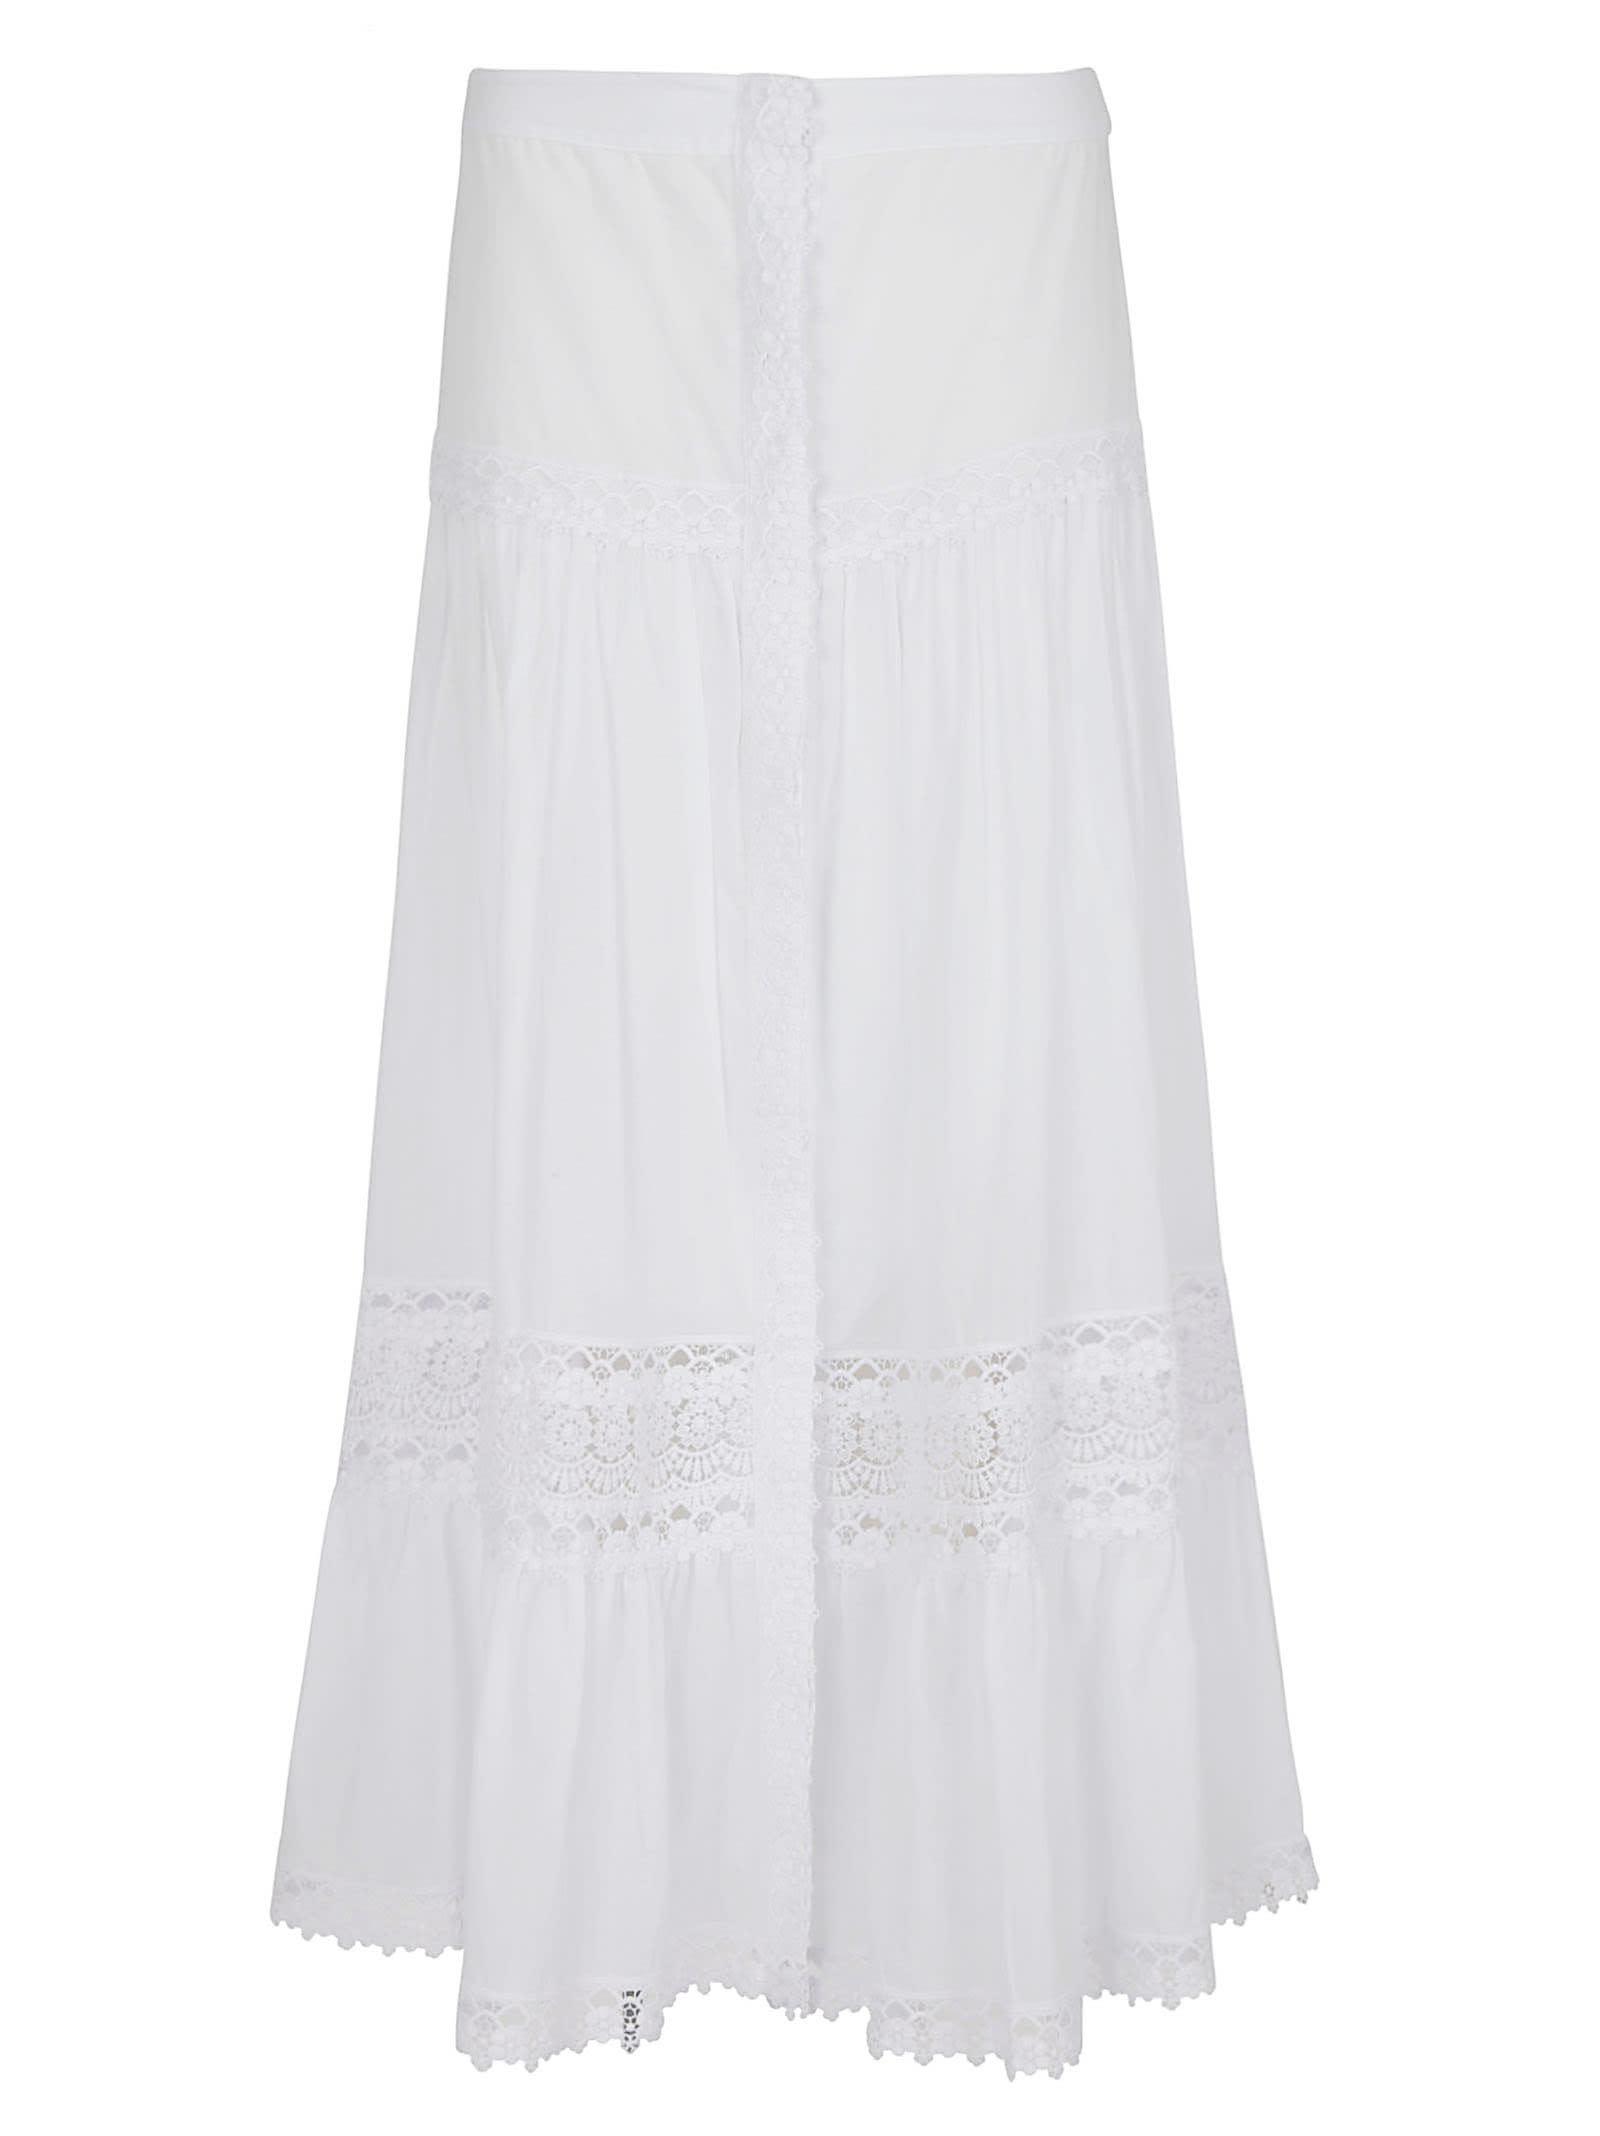 Ann Long Skirt